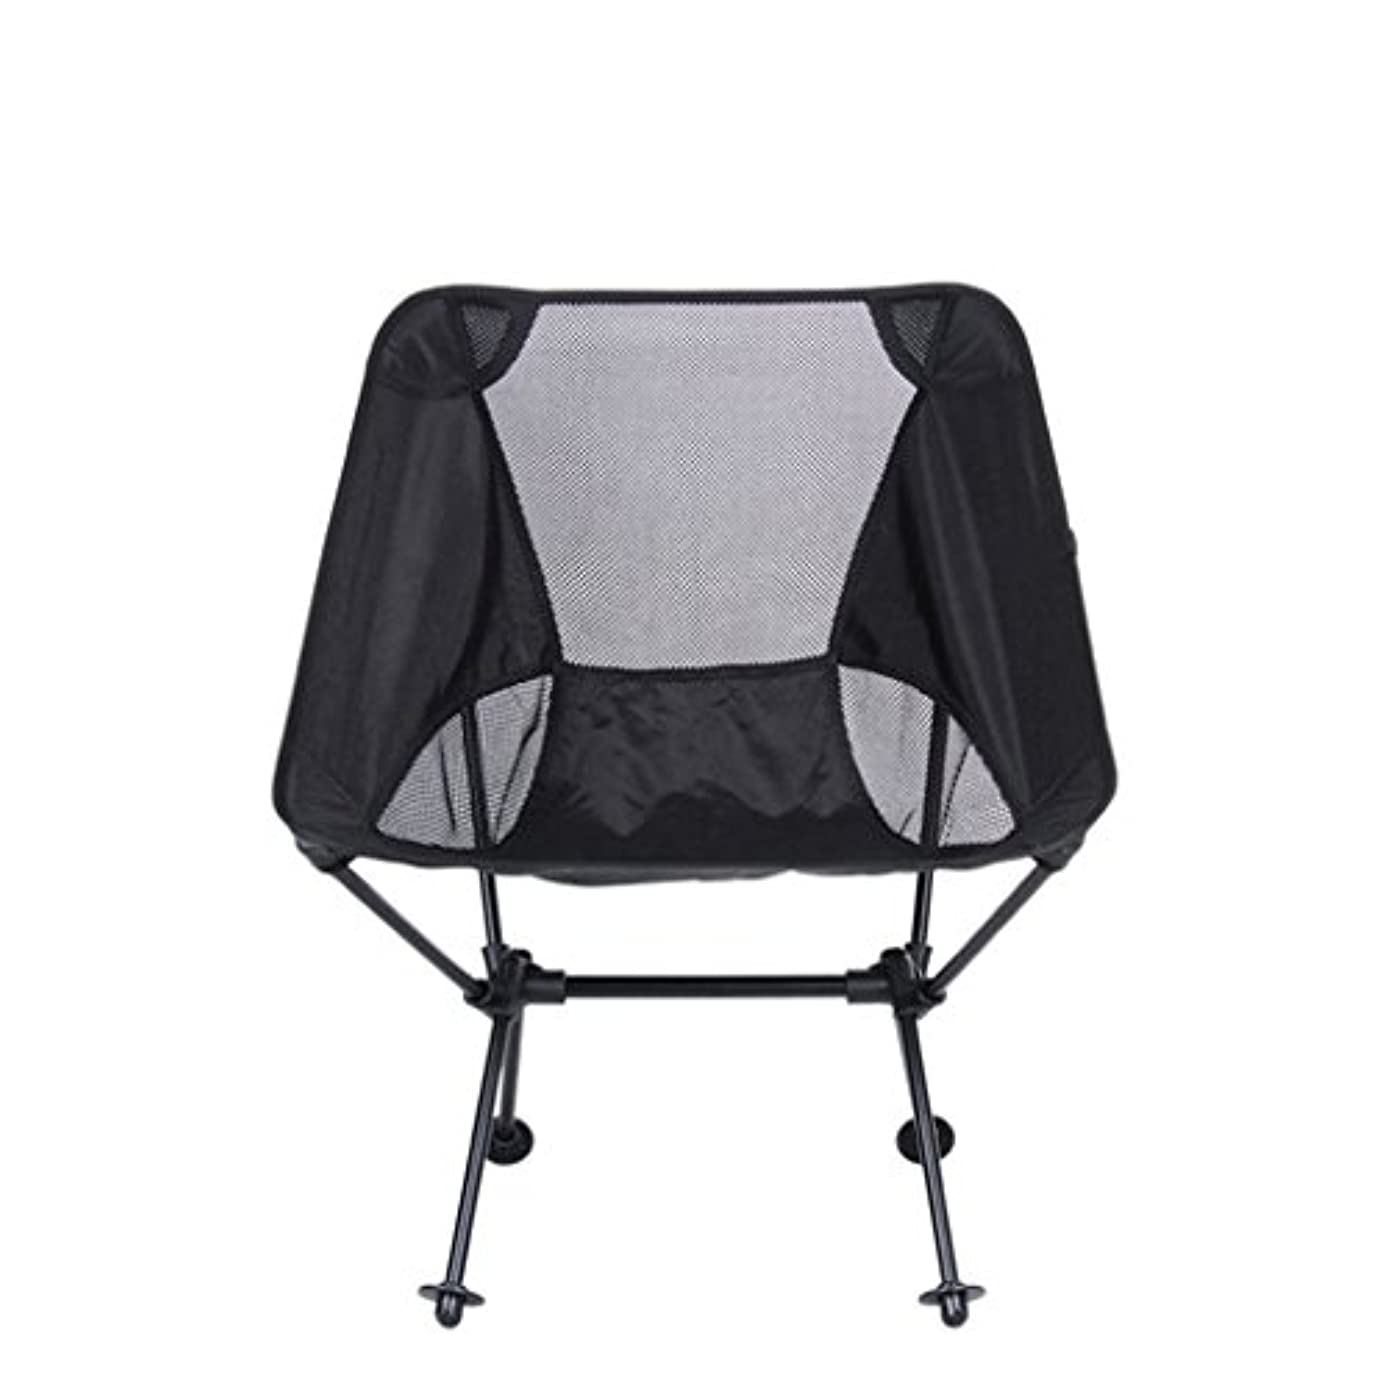 多機能屋外キャンプオックスフォード布アルミ折りたたみ椅子、バーベキューキャンプ釣りハイキングビーチ アウトドア キャンプ用